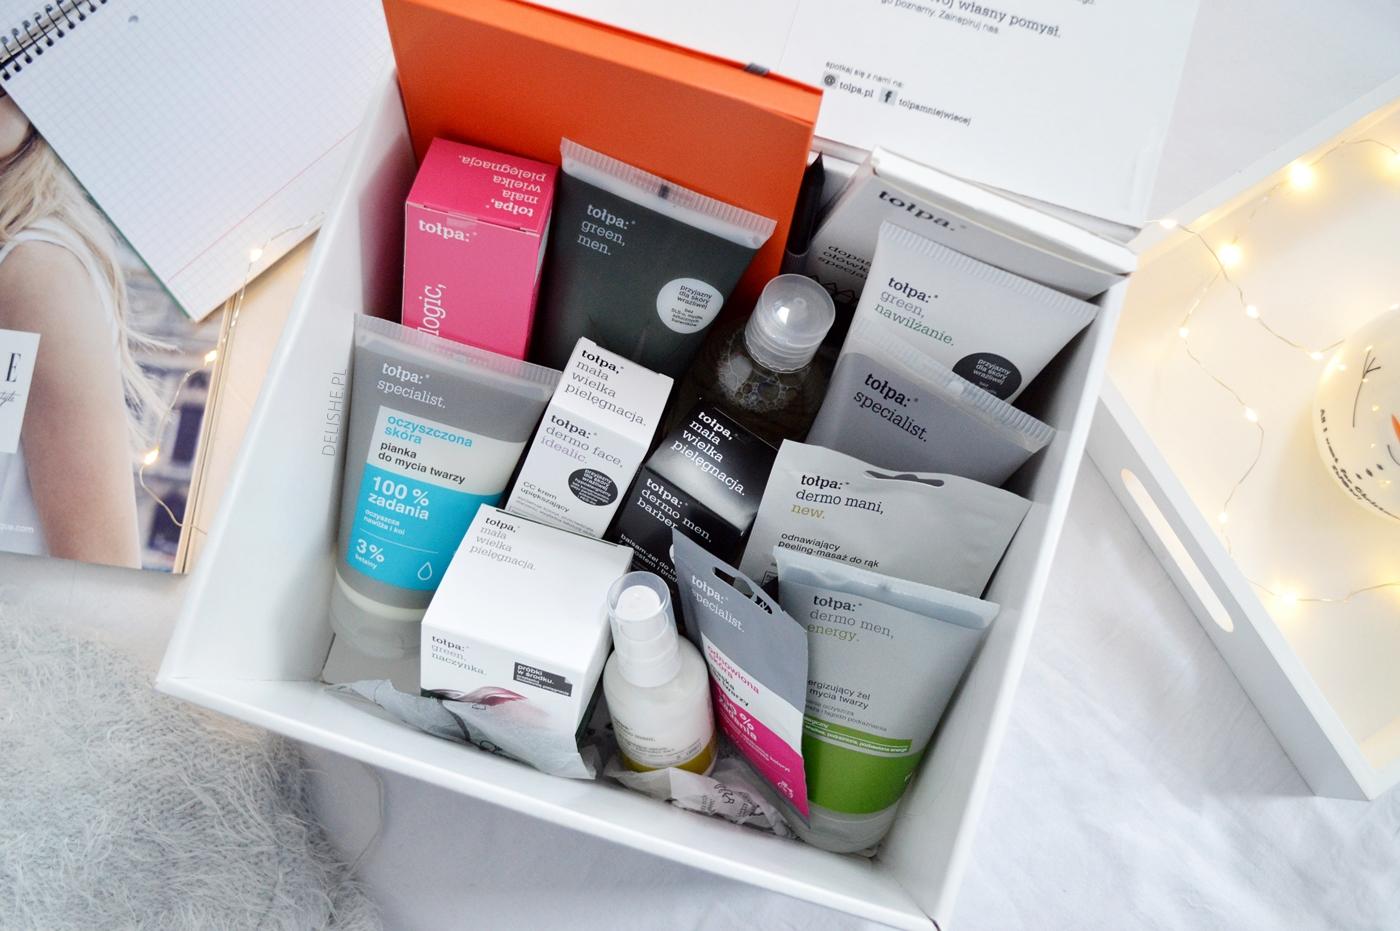 kosmetyki Tołpa do pielęgnacji blog